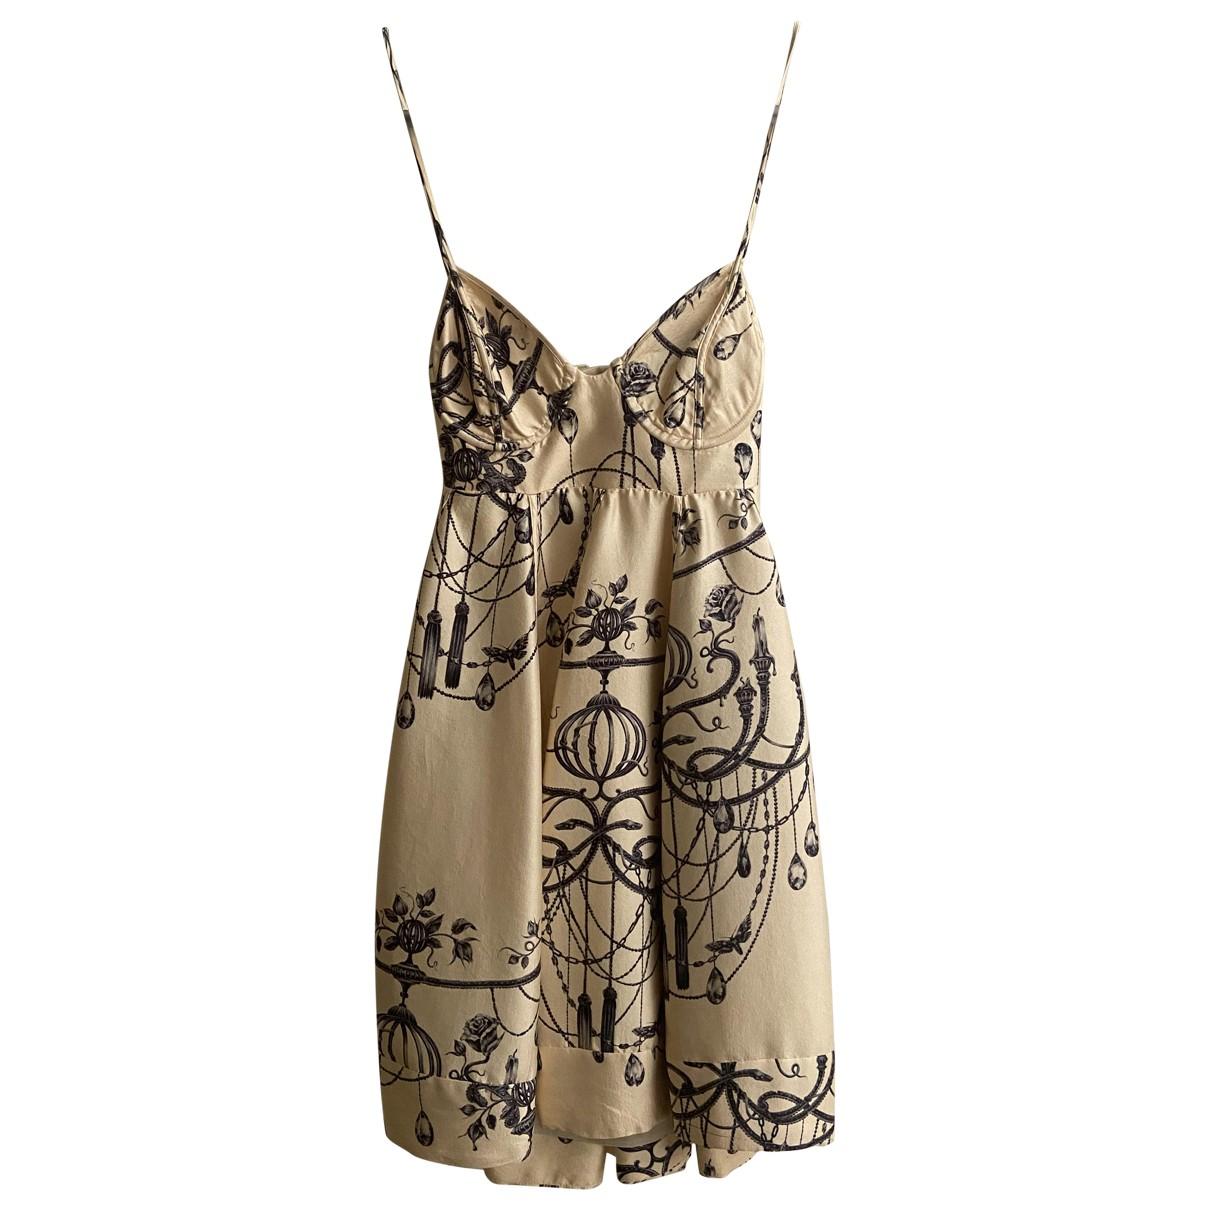 Zimmermann \N Beige Silk dress for Women 1 0-5